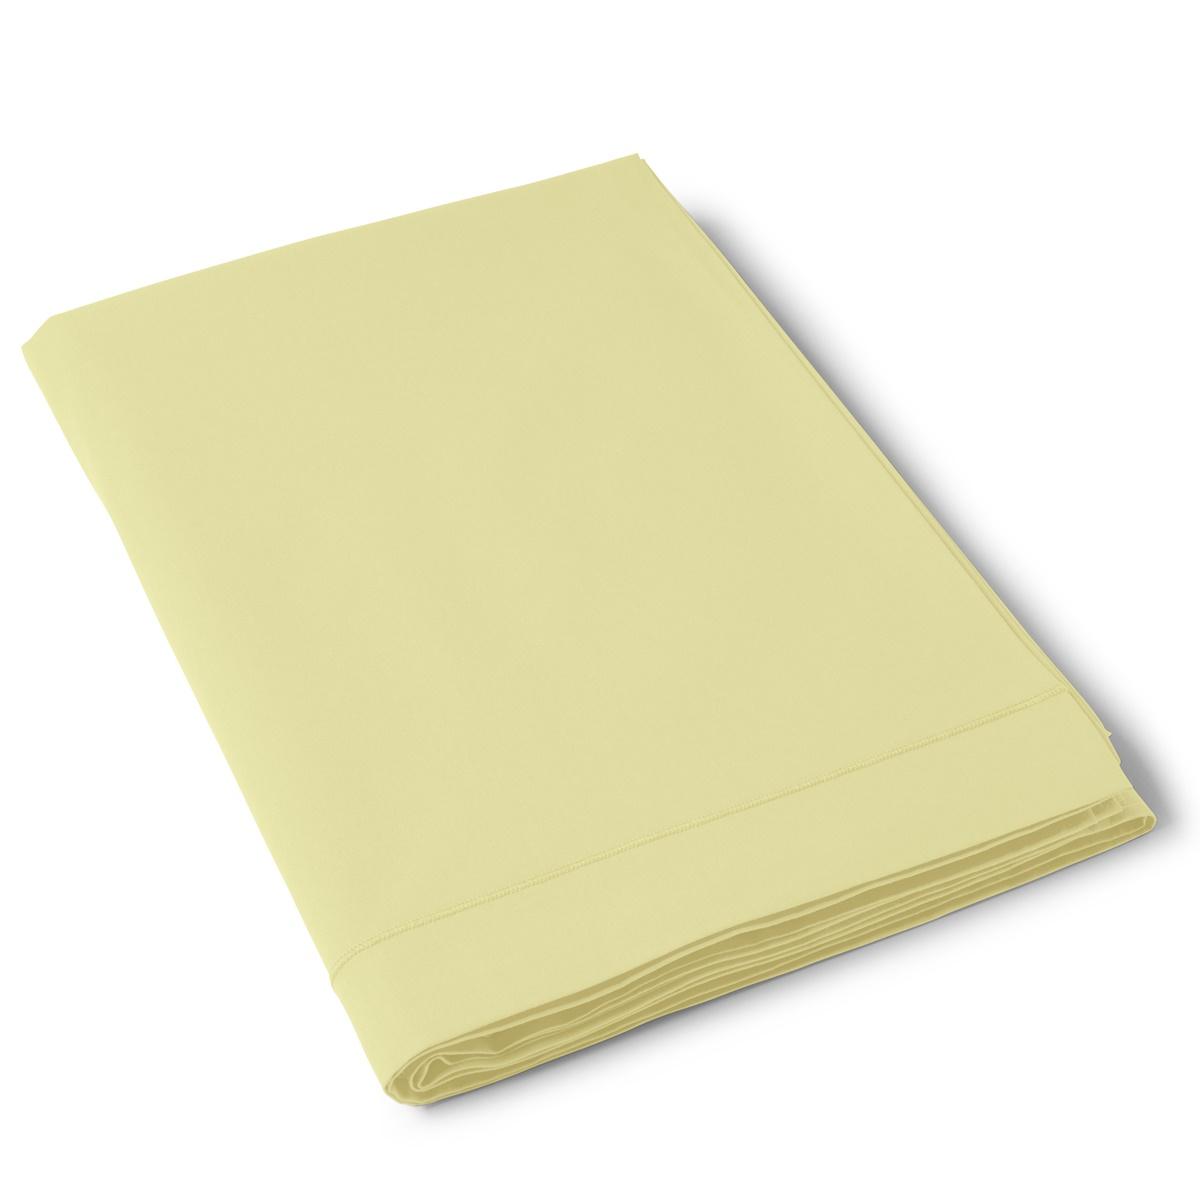 Drap plat en coton soldes jusqu 39 55 linge de maison - Drap en coton ...